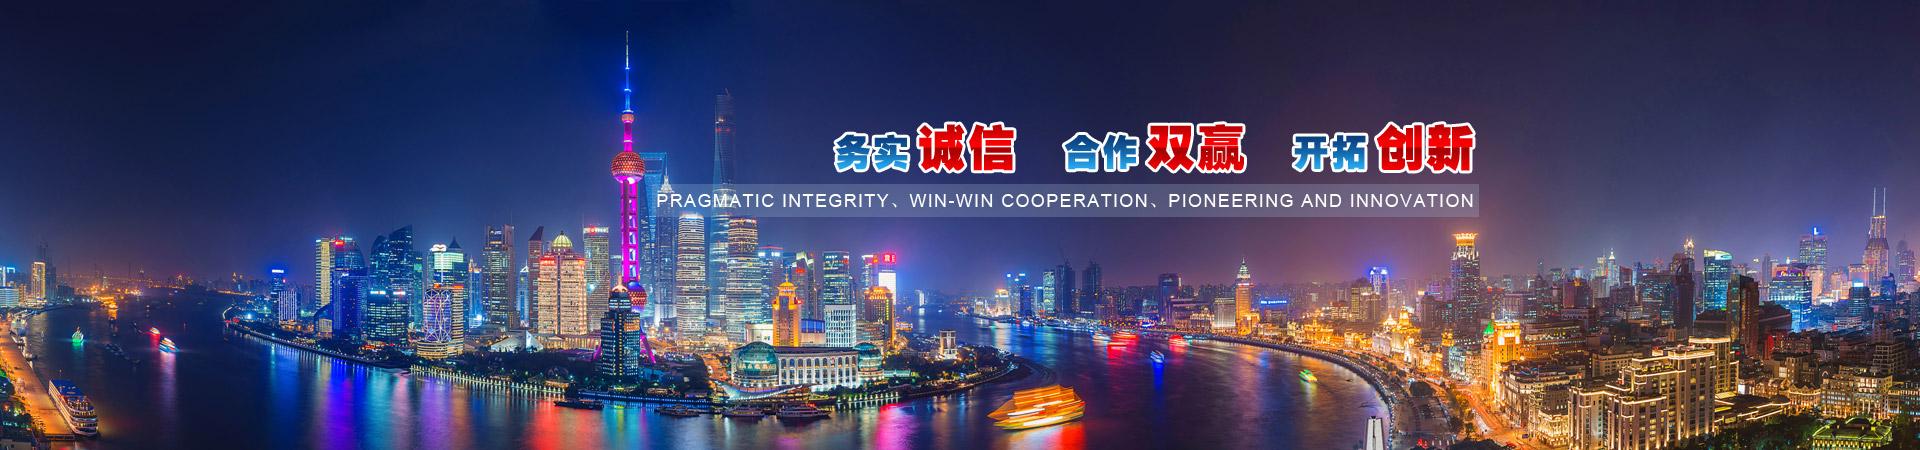 上海明珠企業集團有限公司關于我們